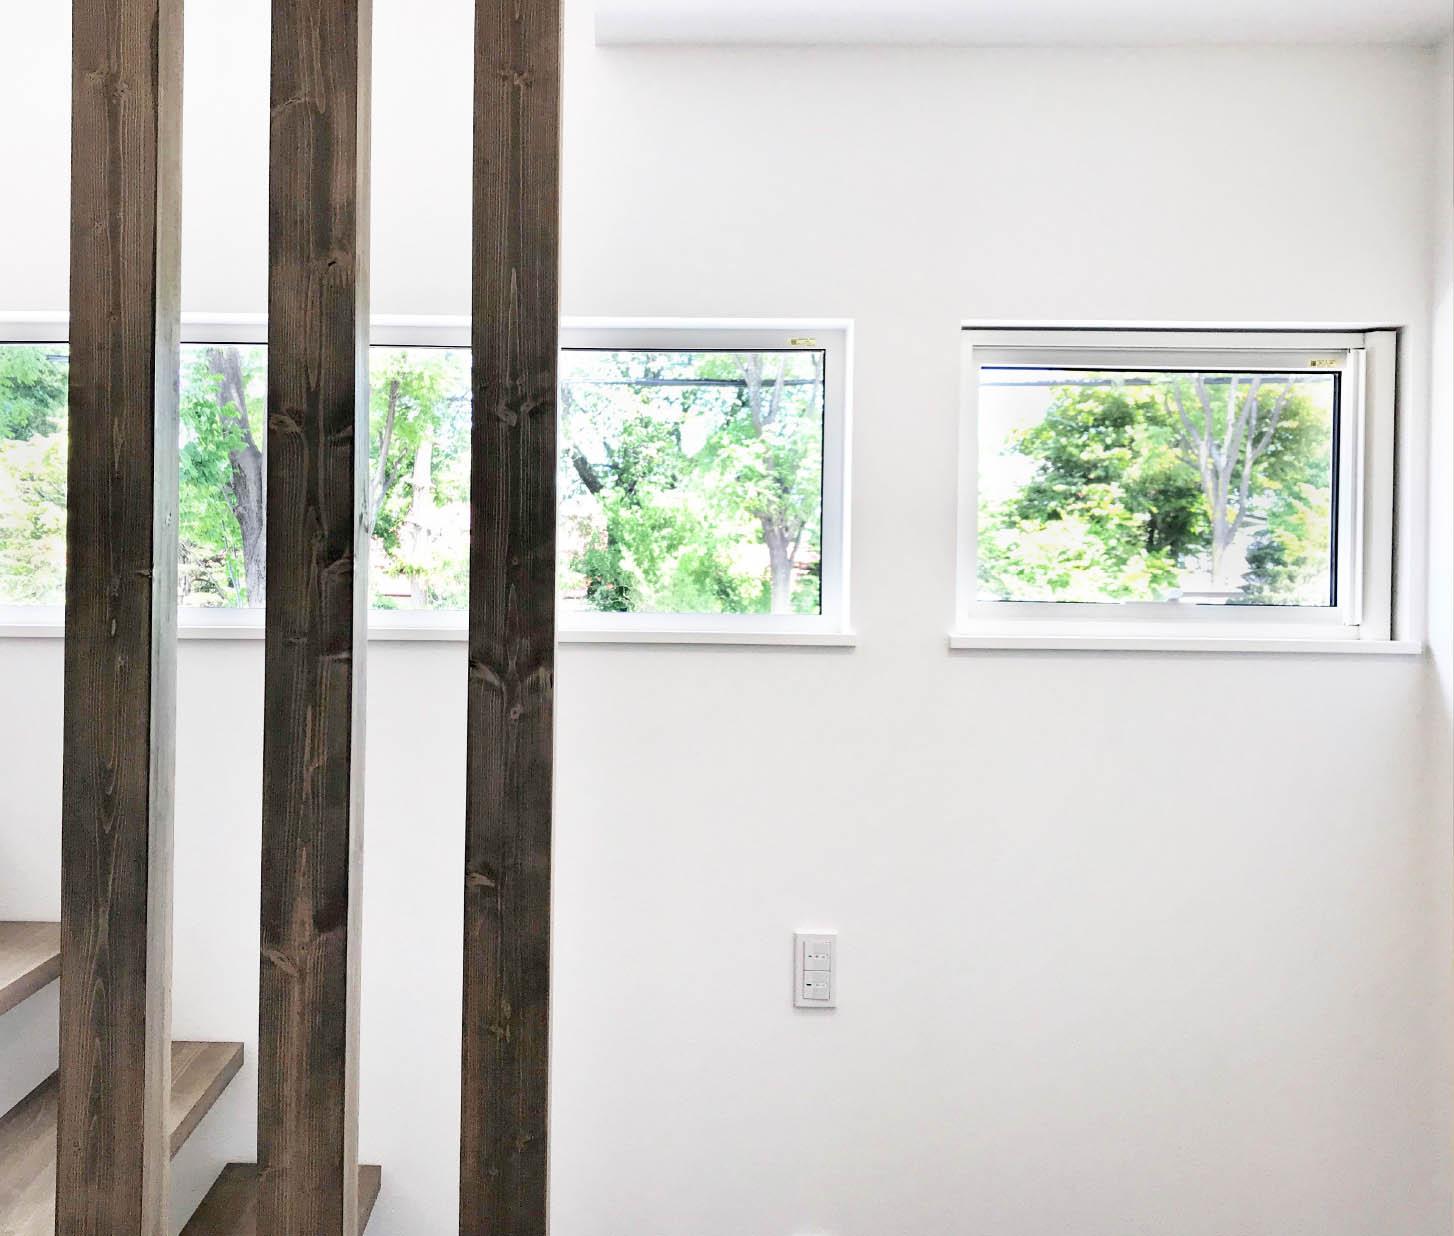 これまで培ってきた意匠と技術を規格住宅として受け継いだK-ismが誕生しました。